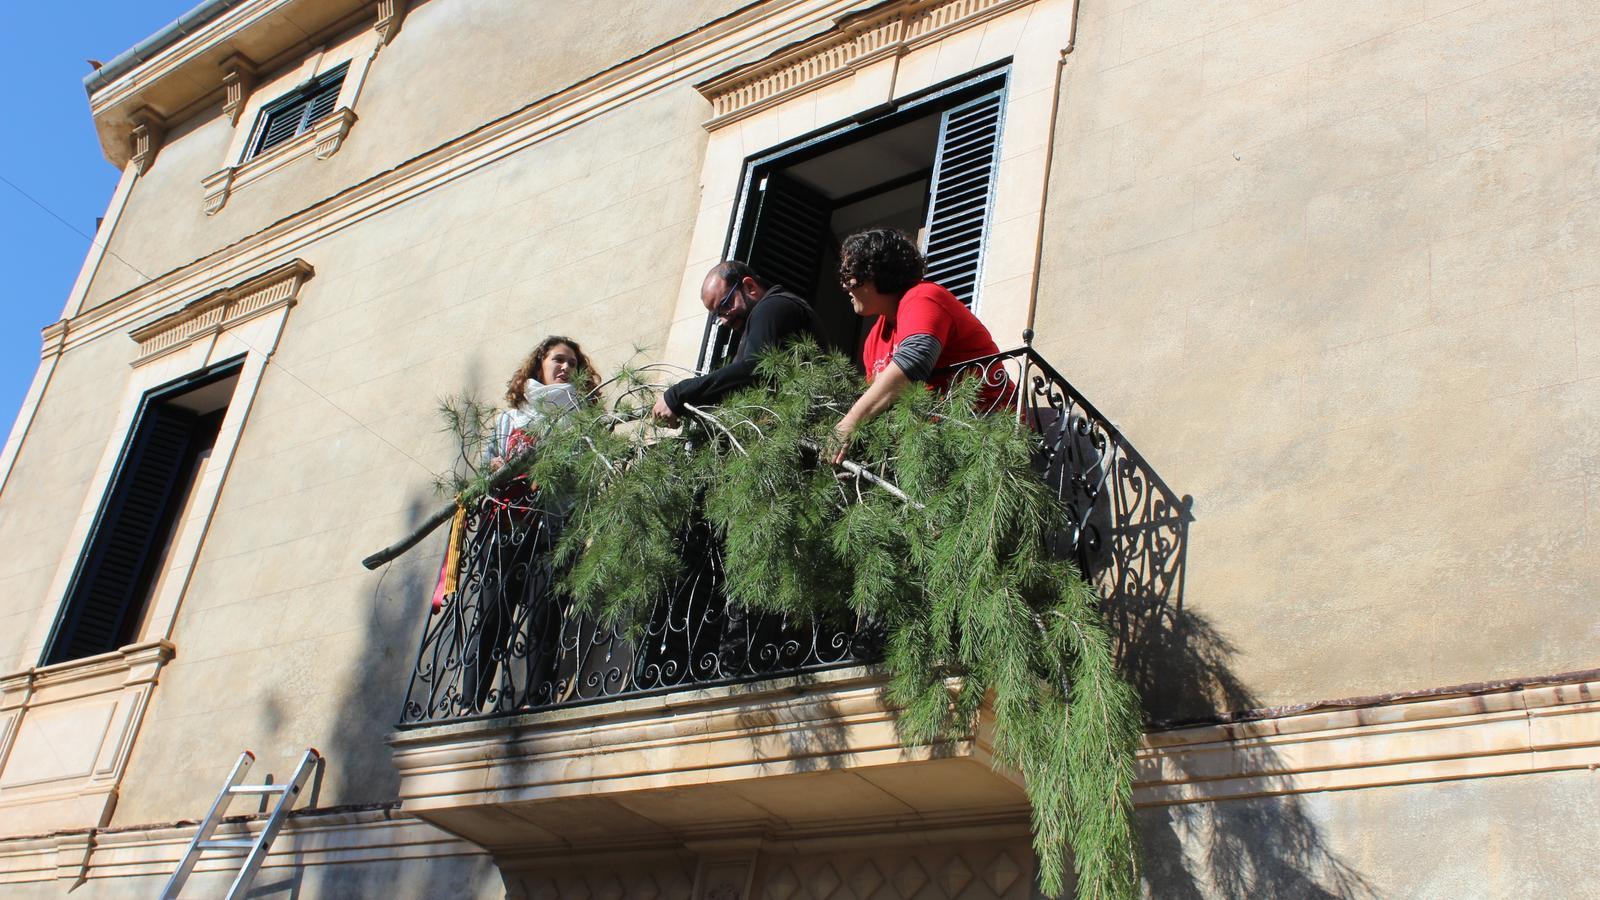 Penjada de brots de pi a una balconada de Santa Maria.